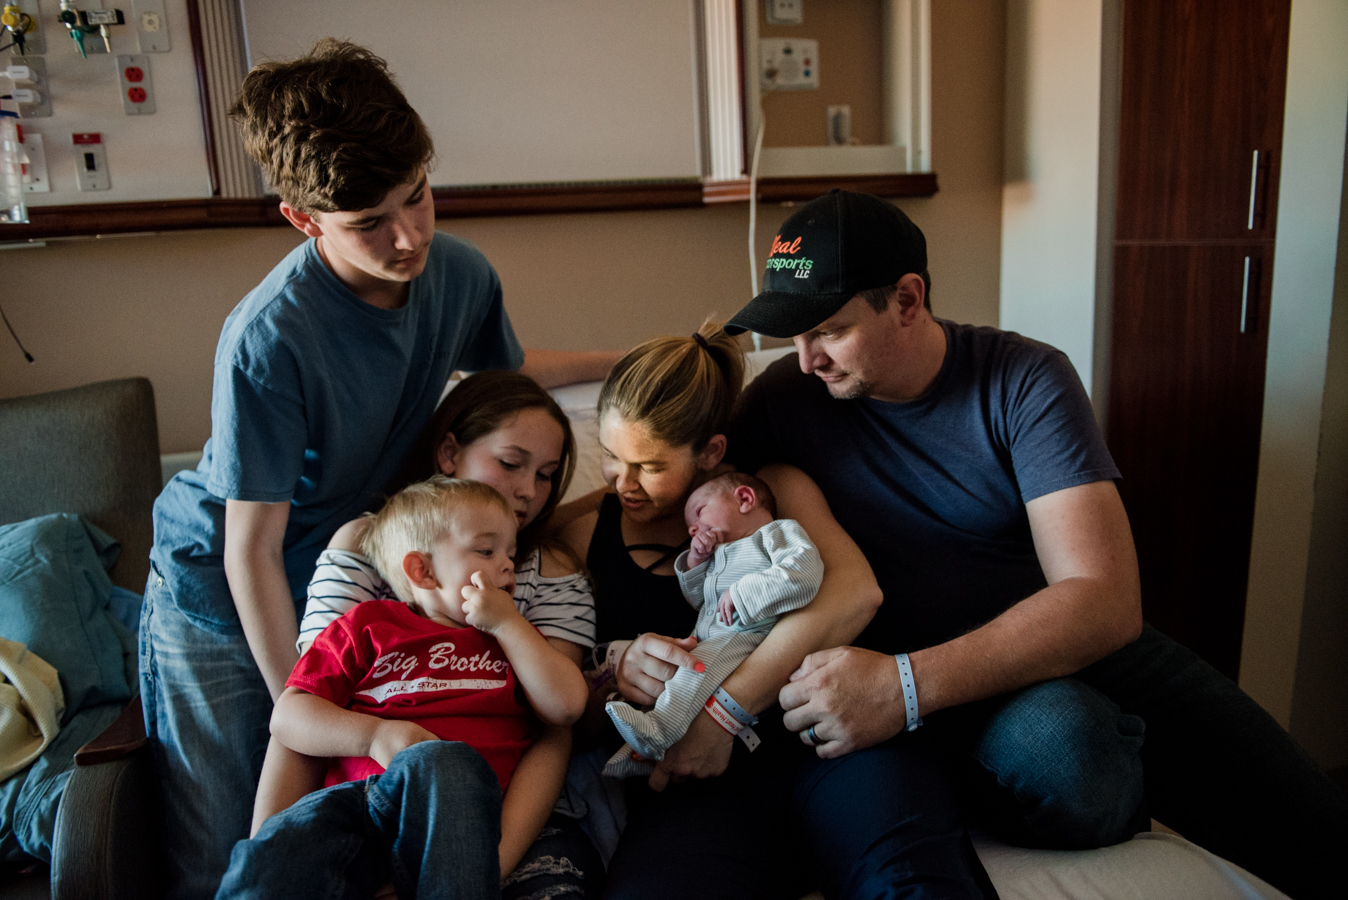 family gathered around baby- pensacola family photographer